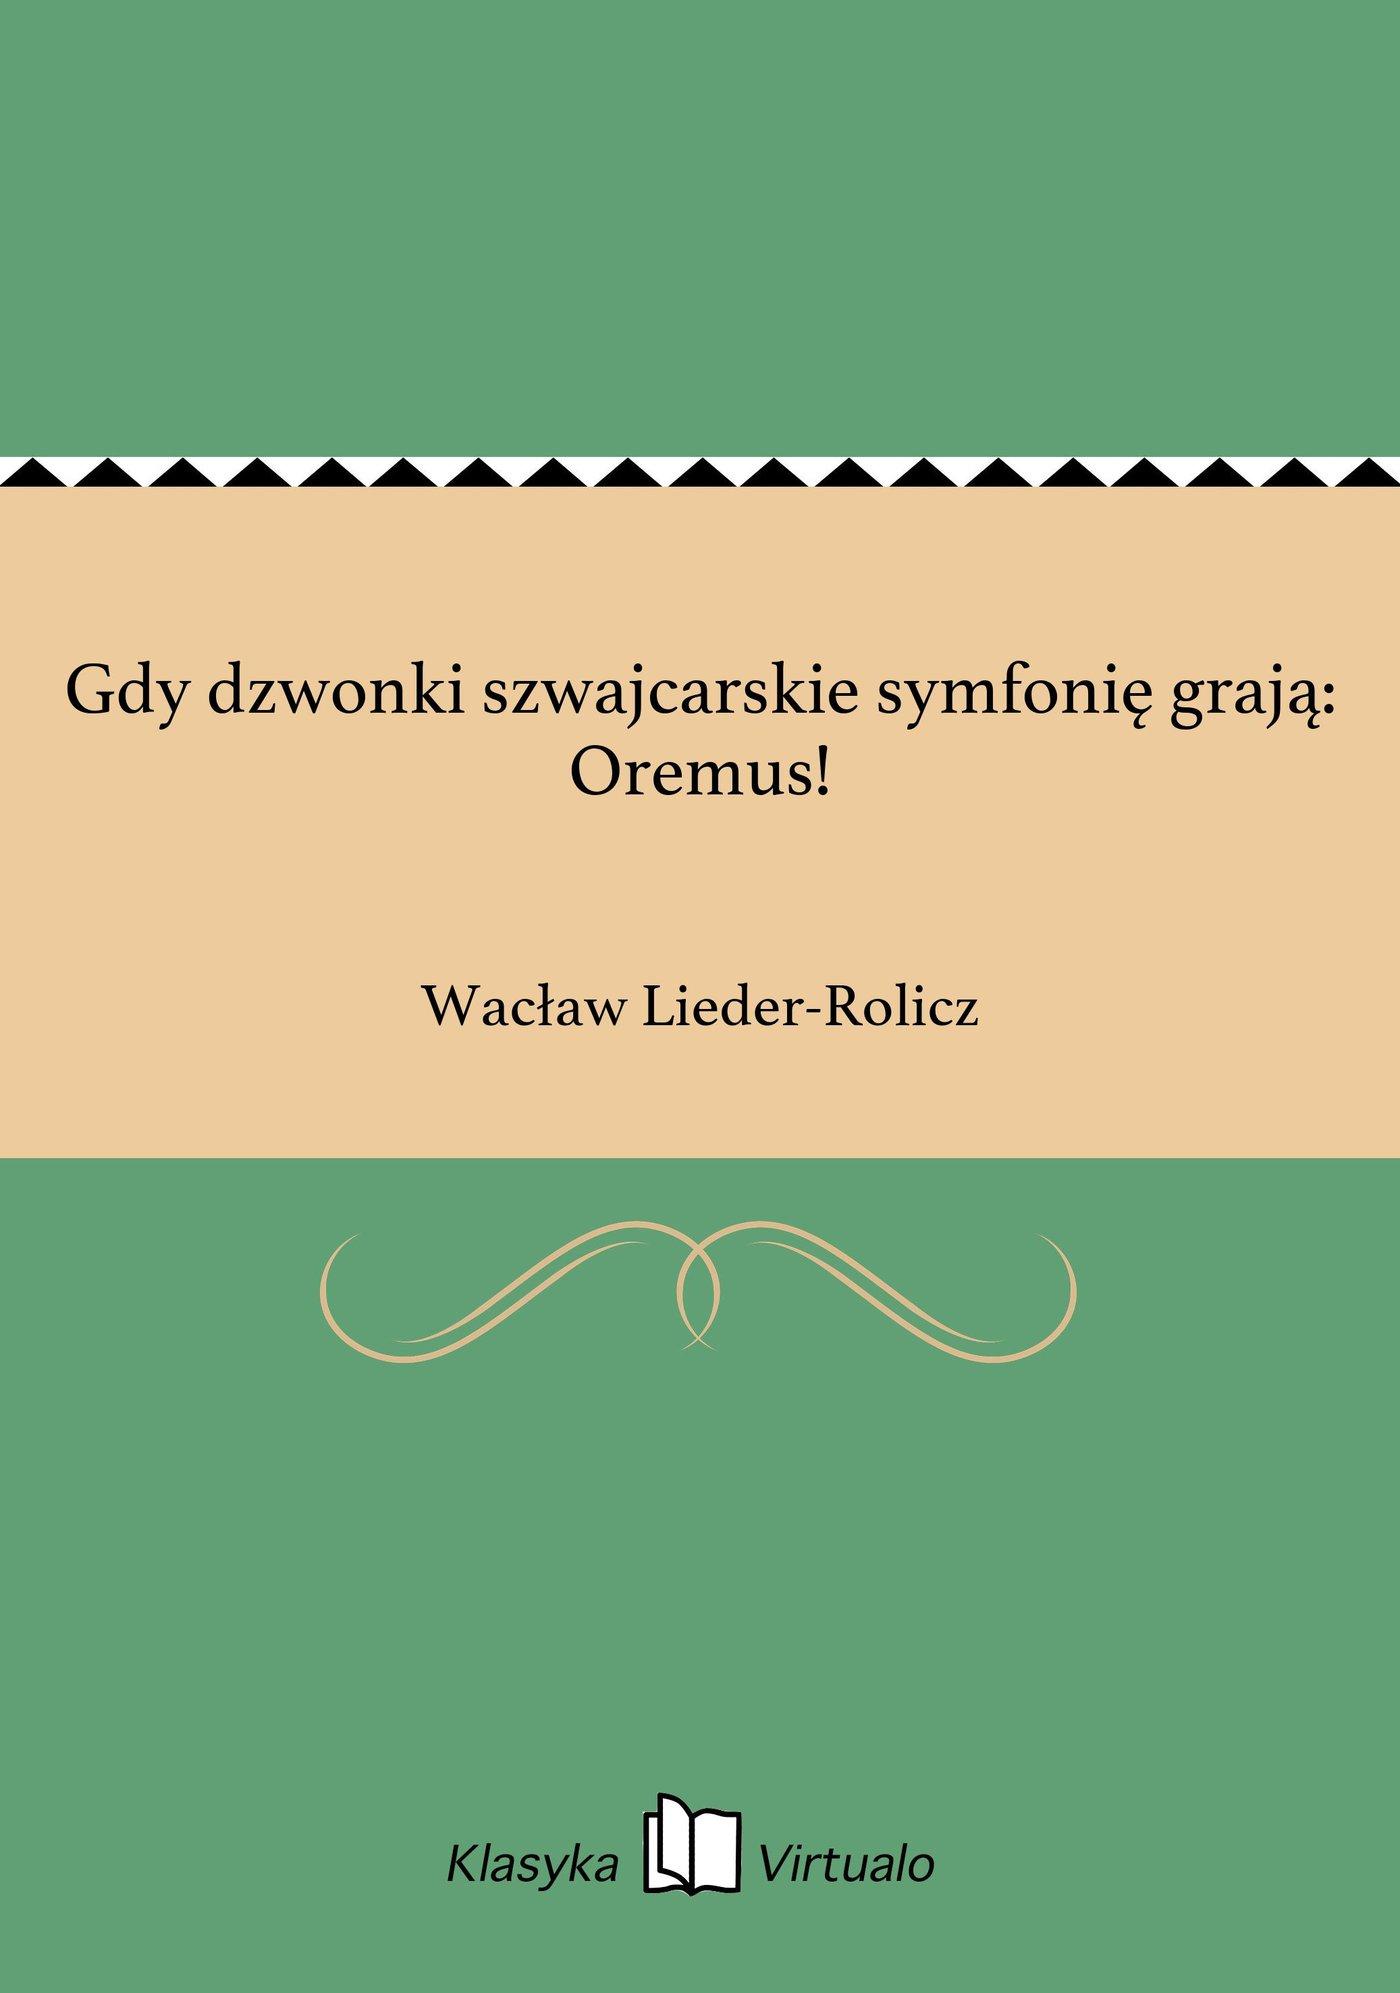 Gdy dzwonki szwajcarskie symfonię grają: Oremus! - Ebook (Książka EPUB) do pobrania w formacie EPUB